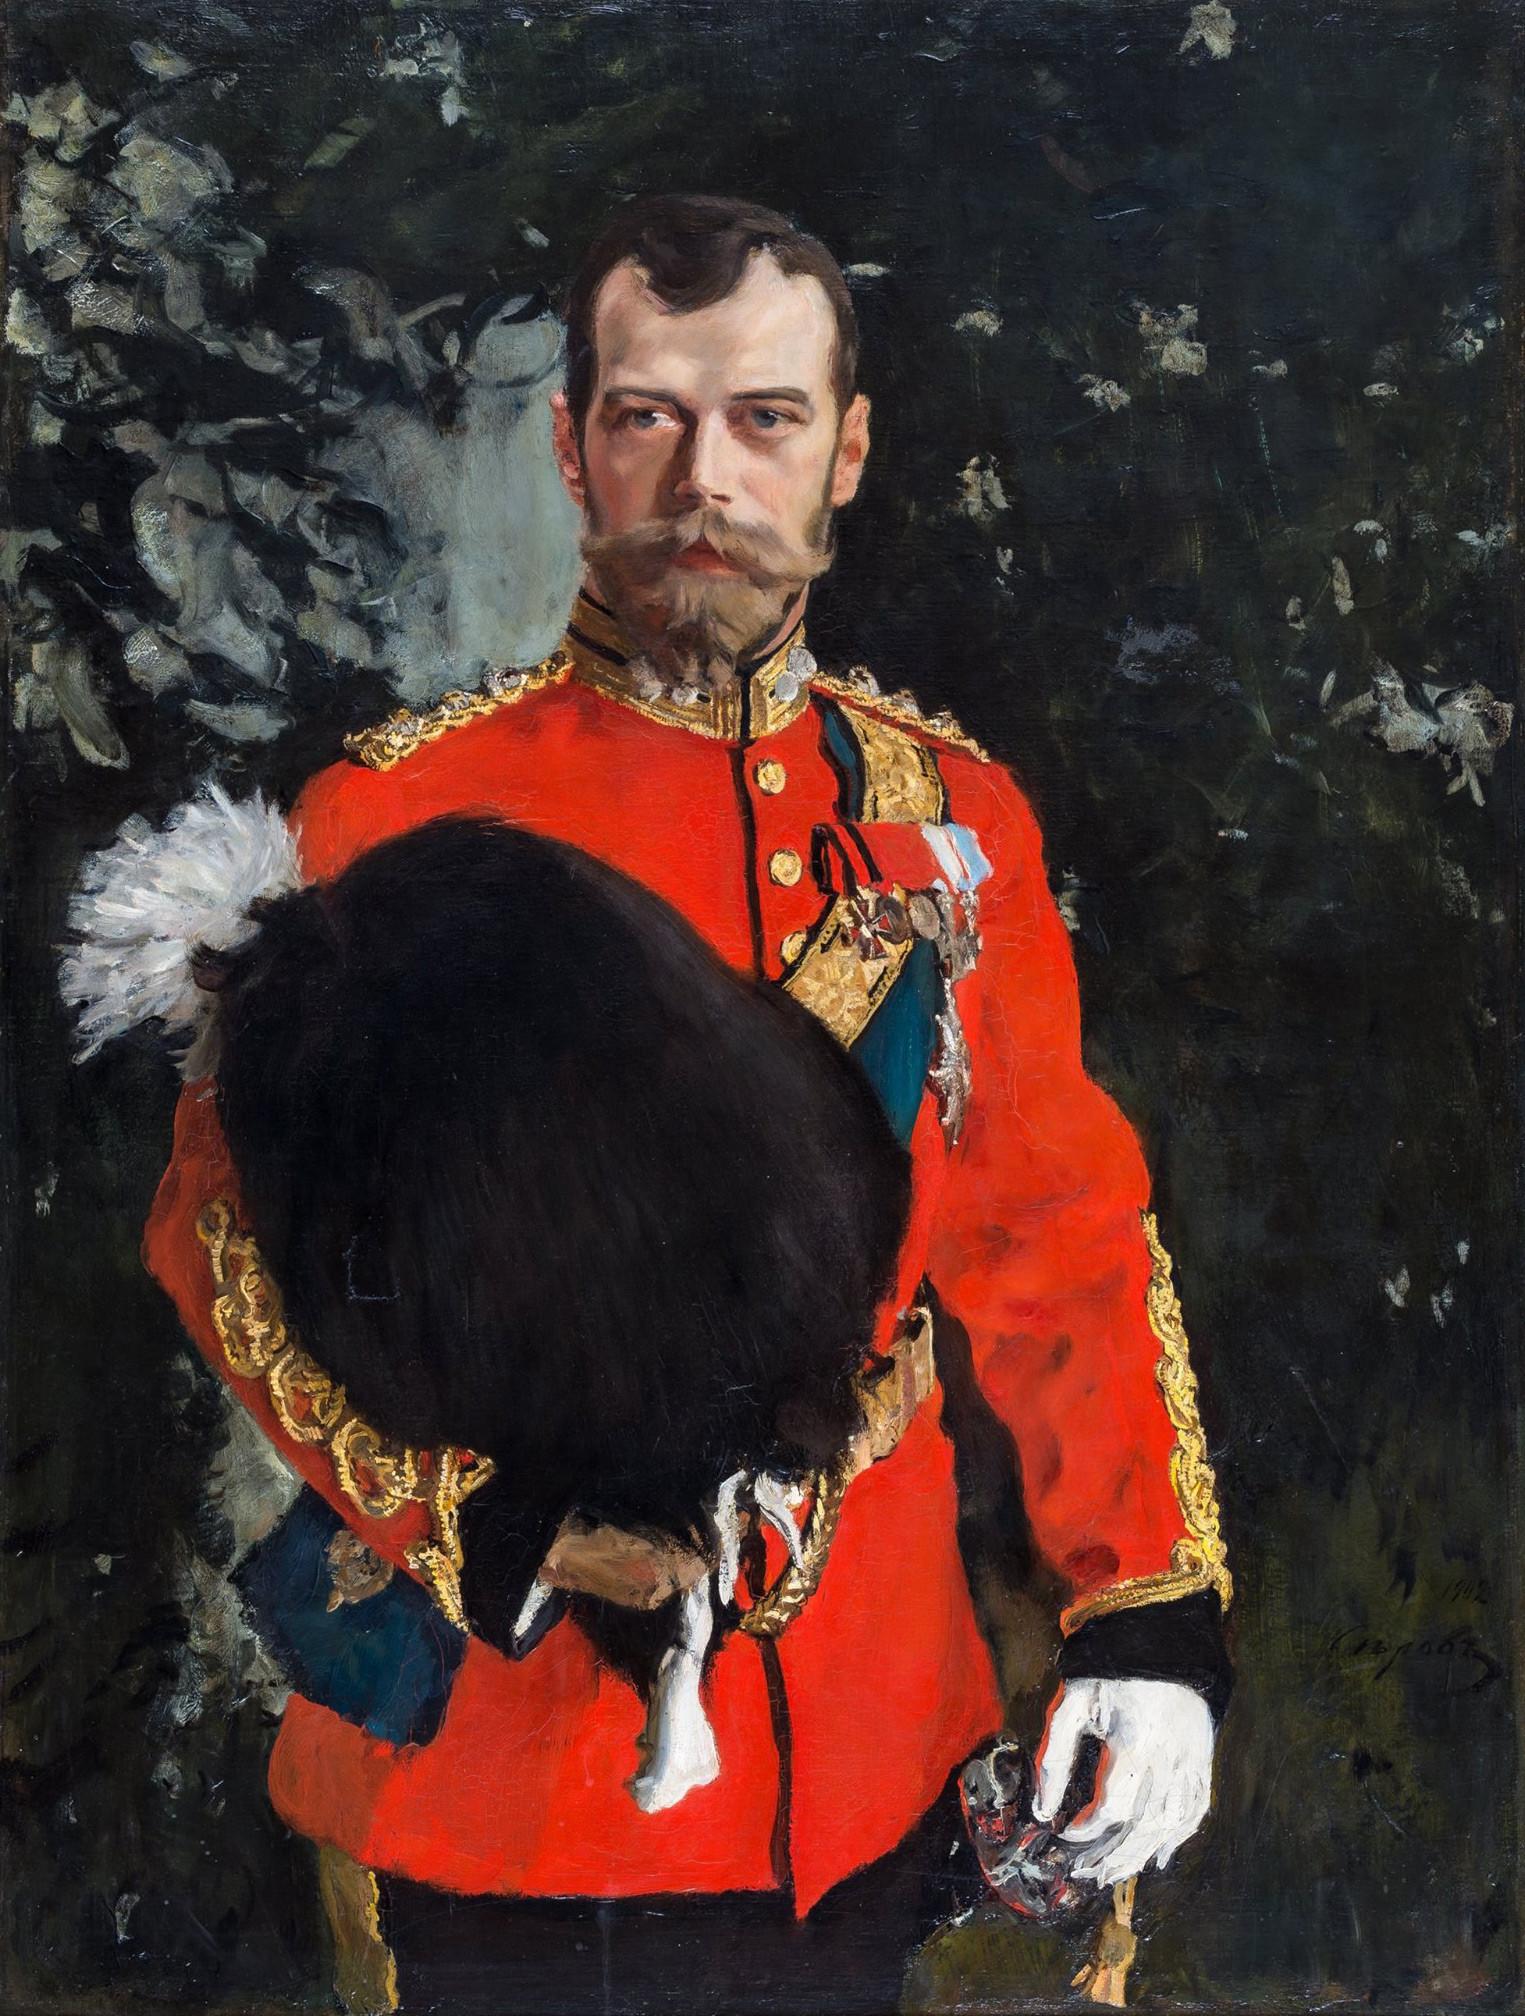 Николај Втори во униформа на почесен командант на 2 Кралска шкотска драгонска гарда. Слика на Валентин Серов.